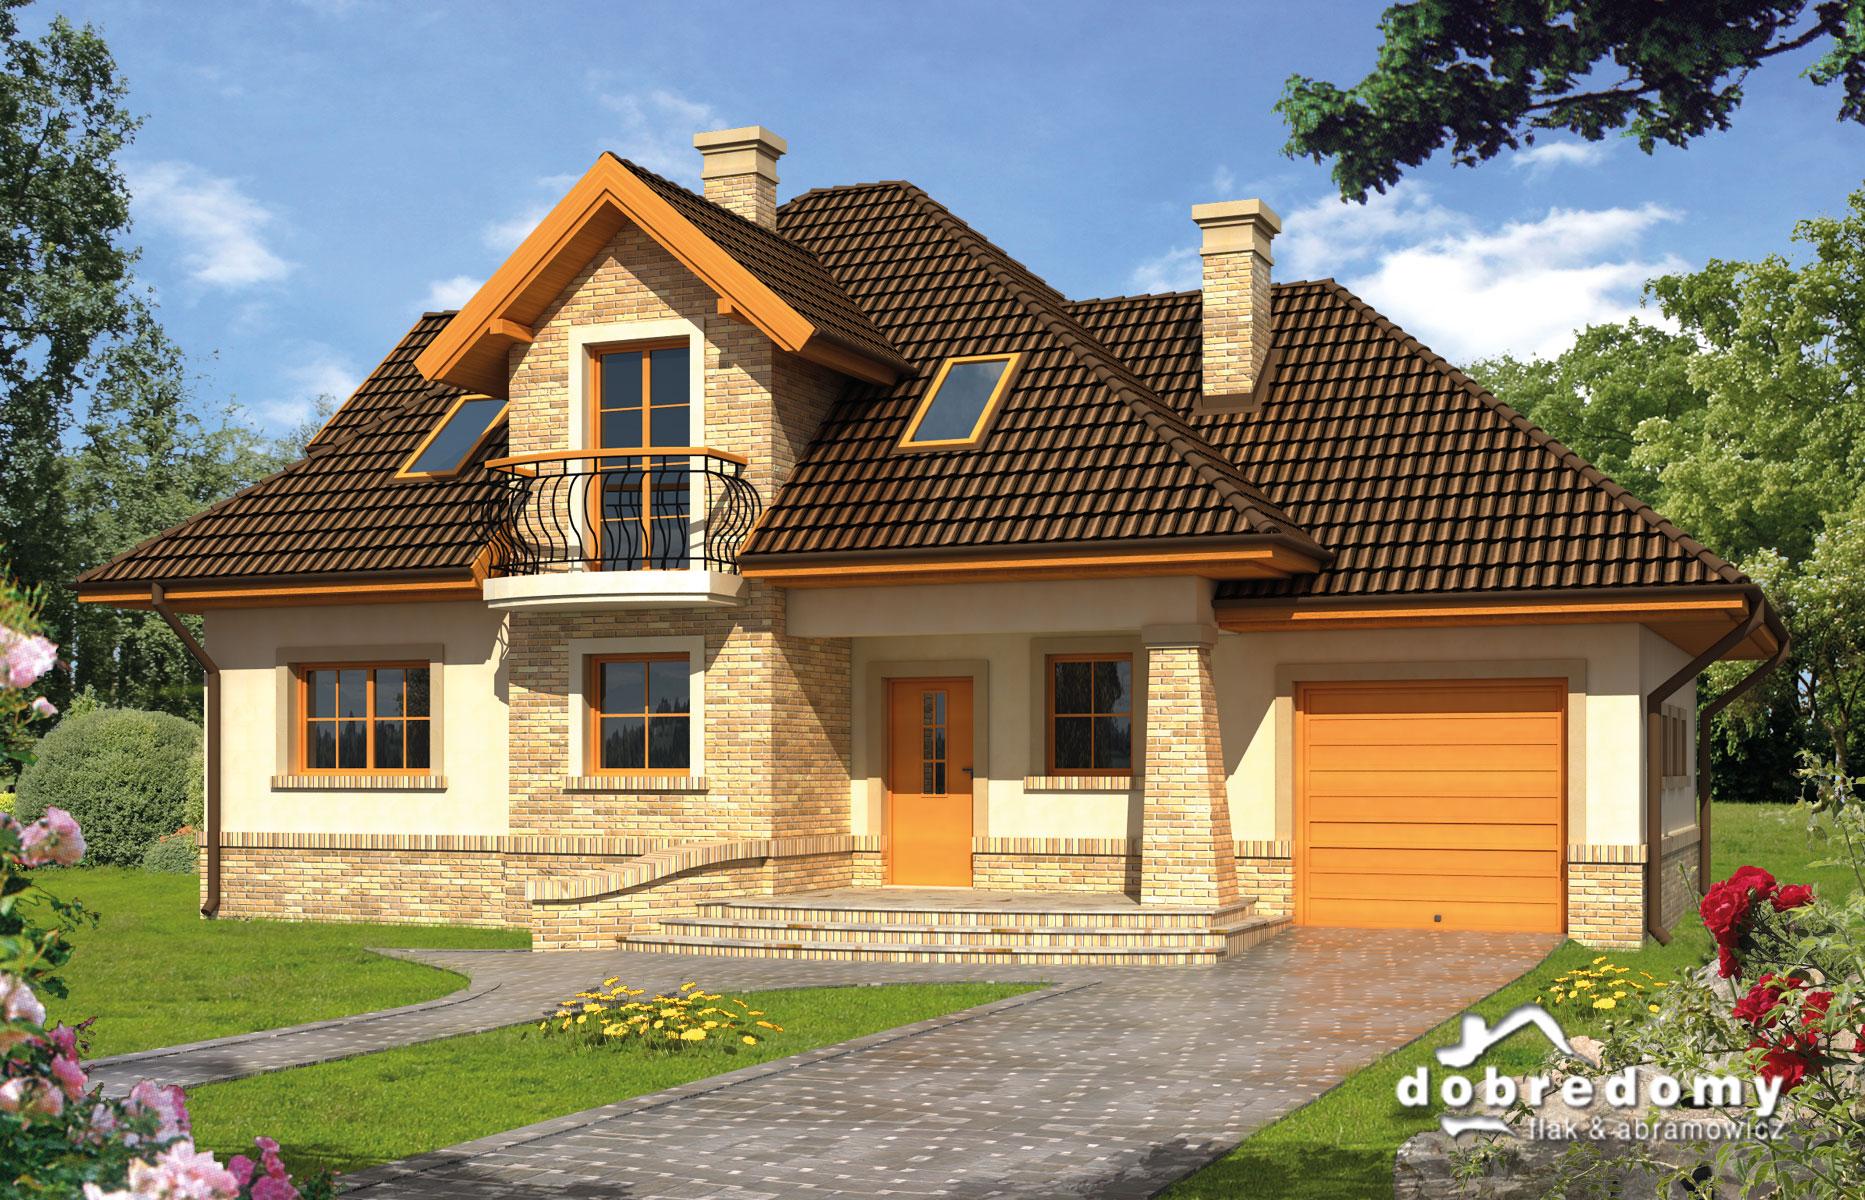 Odnów wygląd swojego domu. Zobacz, jak dbać o elewację z cegły